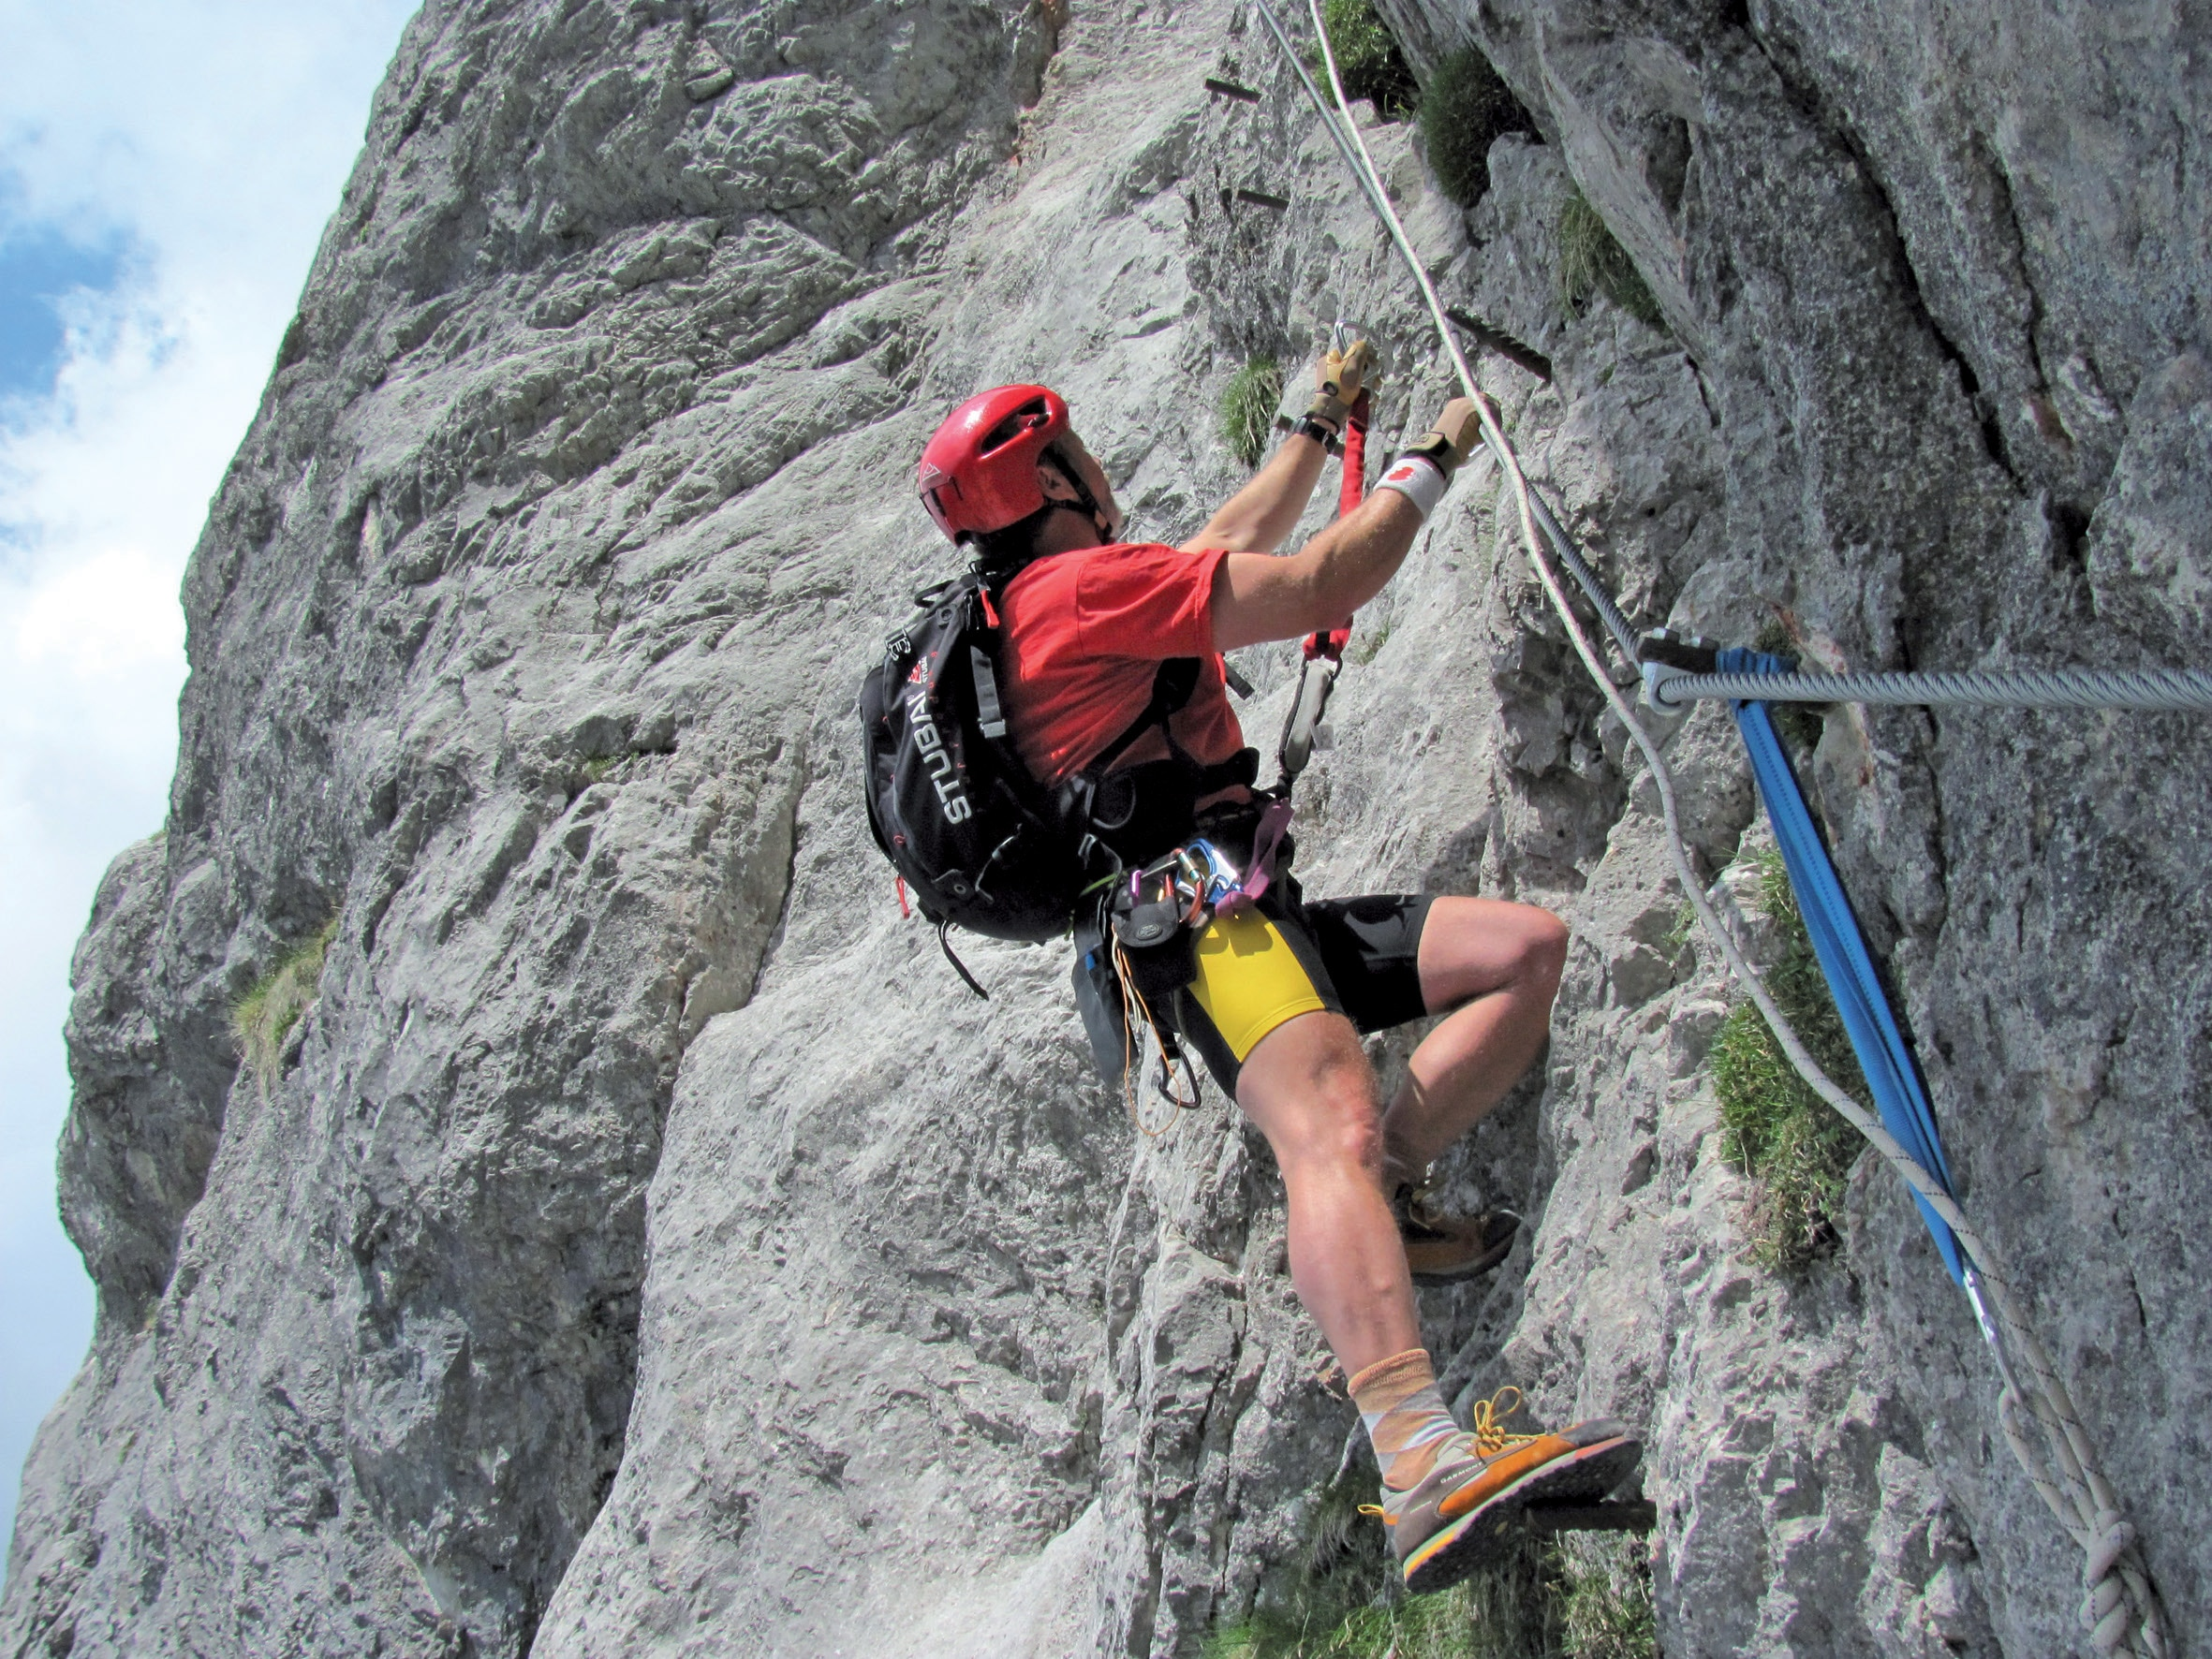 Klettersteig Wachau : Klettersteige anna klettersteig km bergwelten